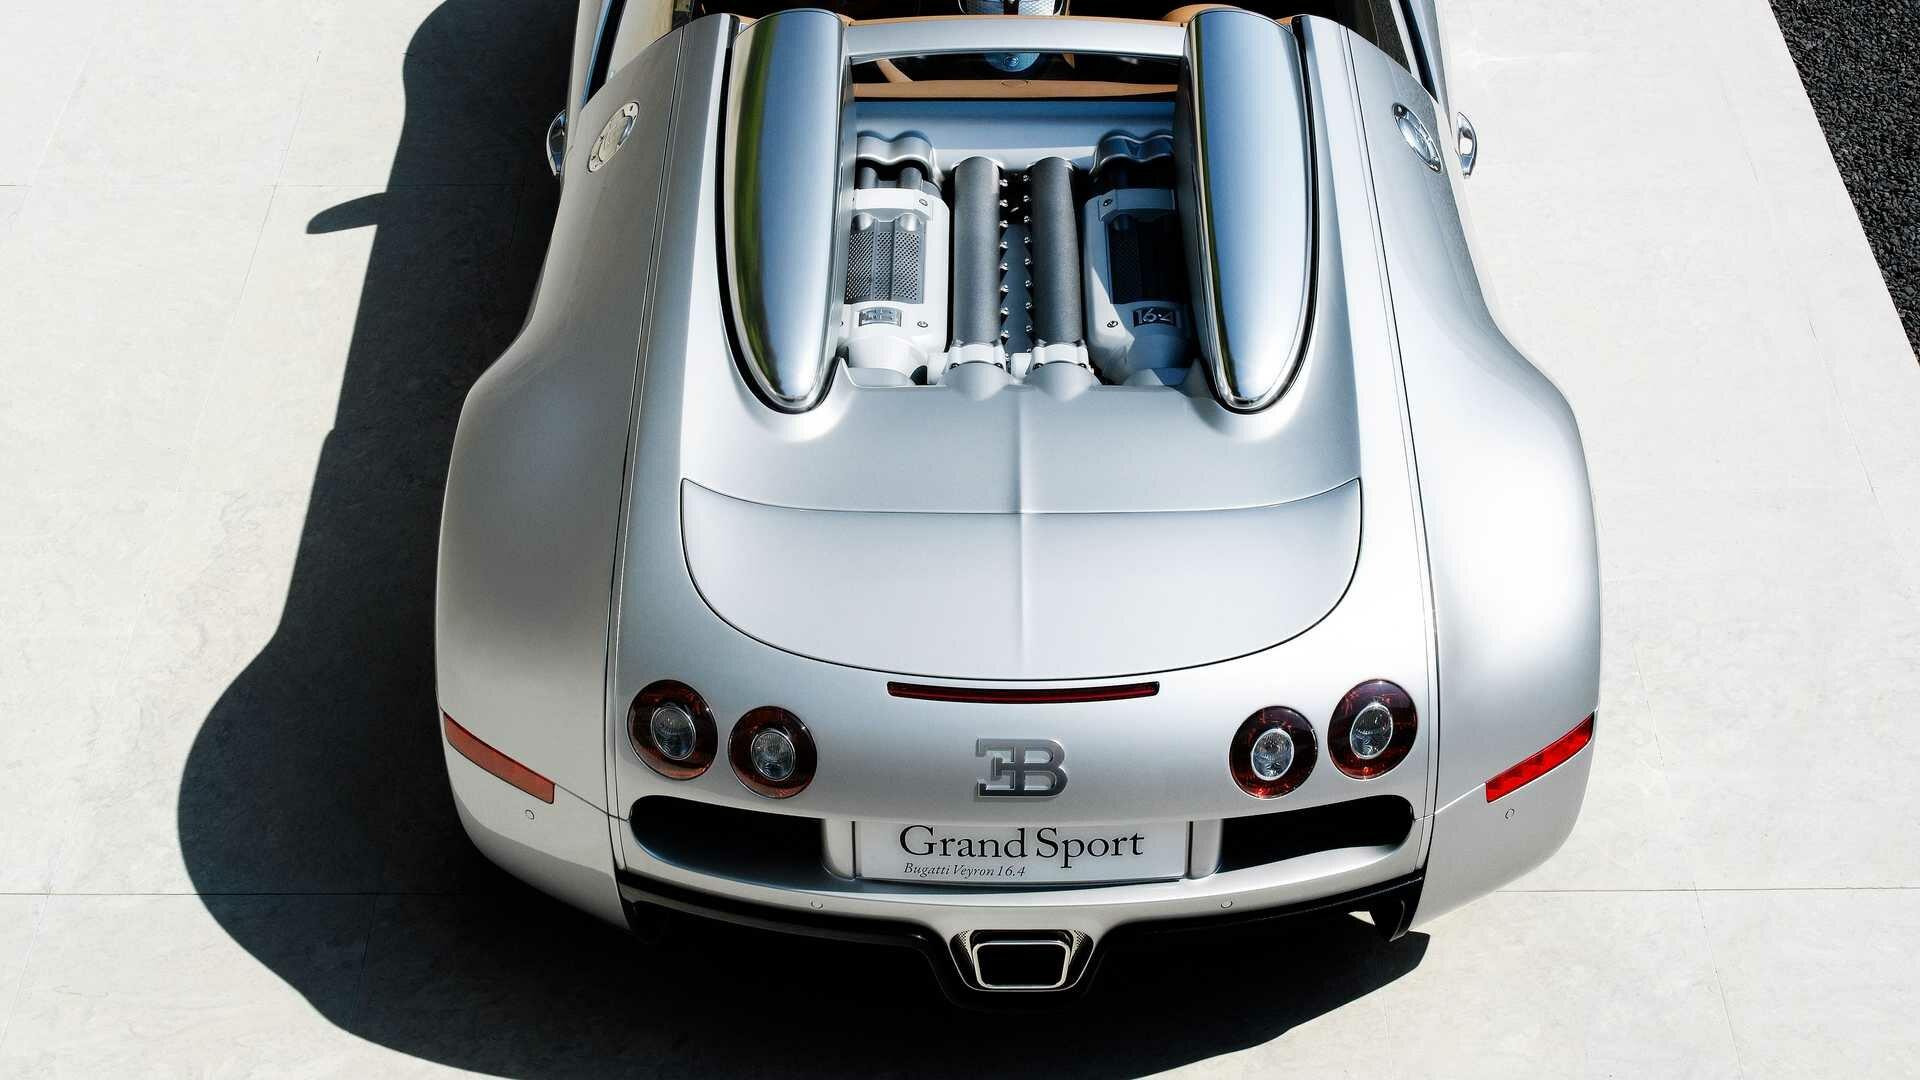 Фирма Bugatti запустила программу заводского восстановления автомобилей La Maison Pur Sang и продемонстрировала первый результат – прототип Veyron Grand Sport, построенный 13 лет назад: реставрация предсерийного авто заняла четыре месяца.